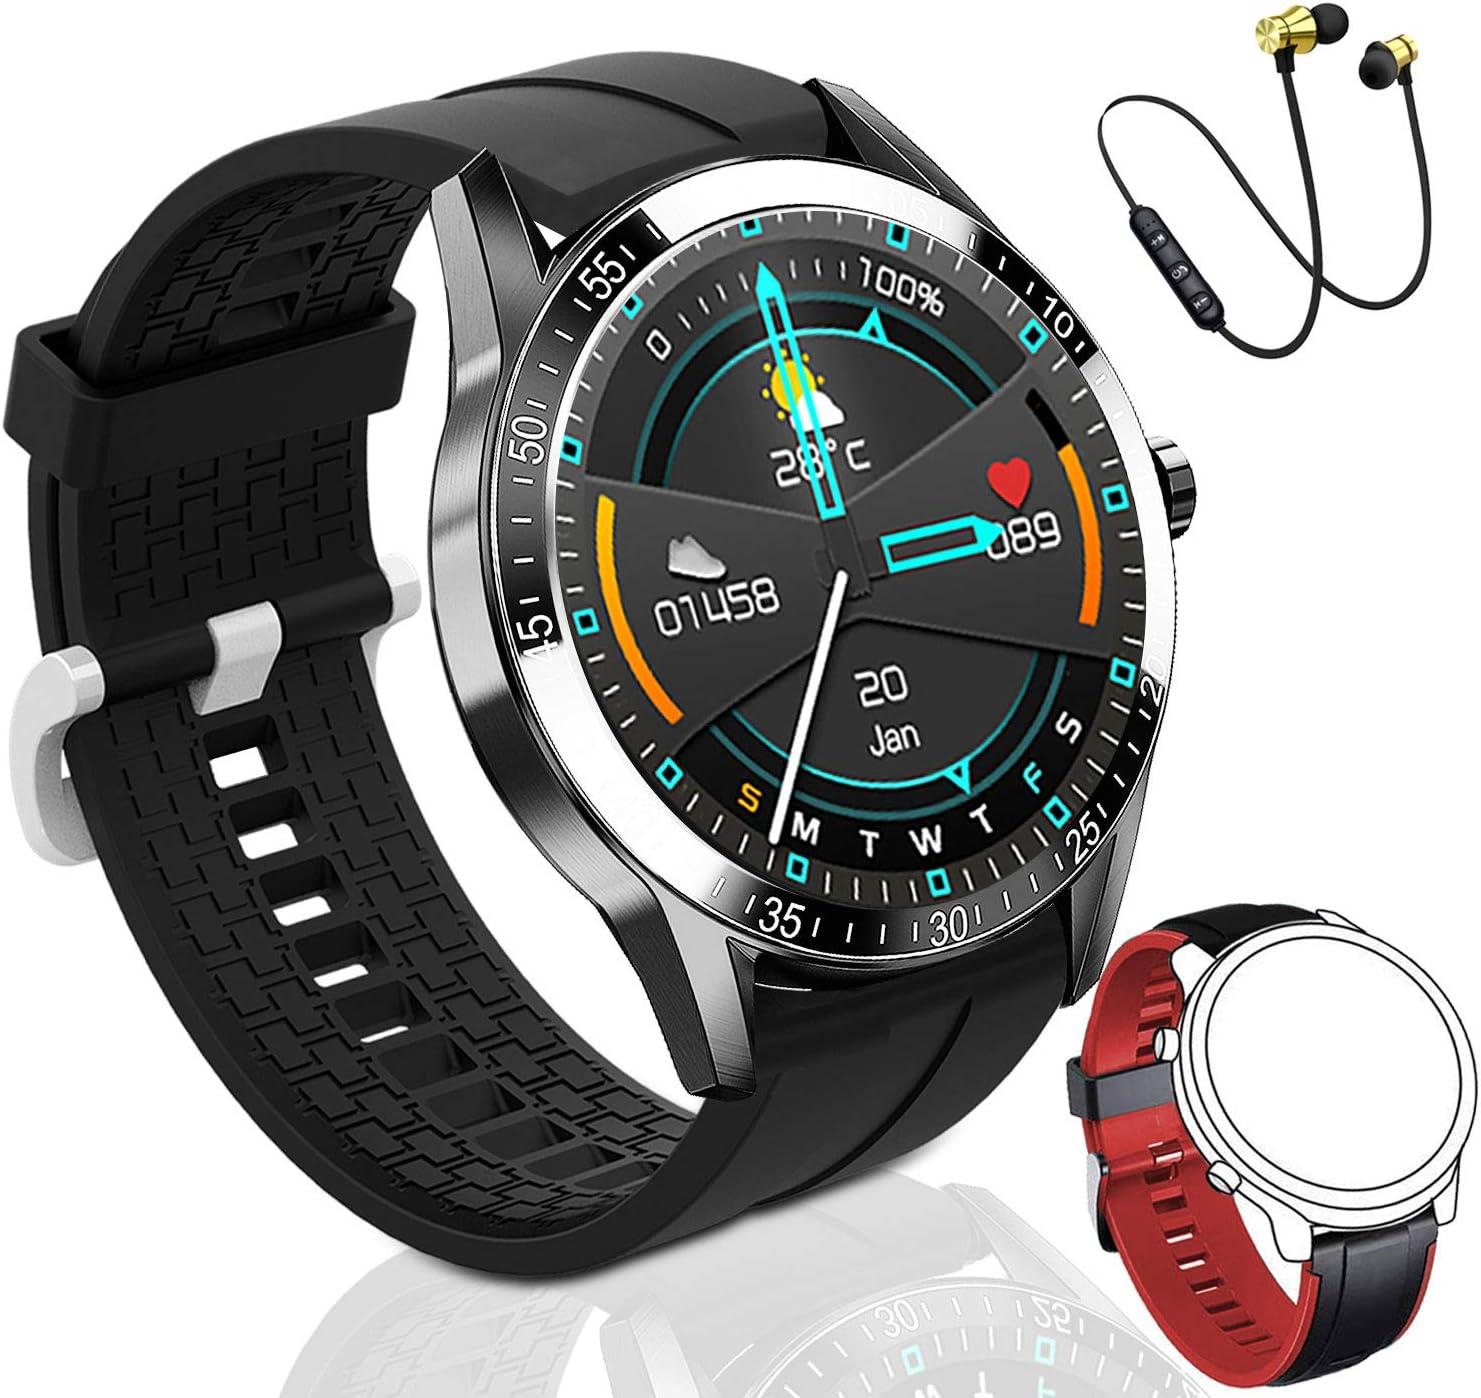 Reloj Inteligente Hombre, Smartwatch Mujer   2021 última versión   168 MB ROM   IP68 Impermeable con micrófono Altavoz, dial Llamada, música, Modos Deportivos y de Salud (2correas Negro y Naranja)